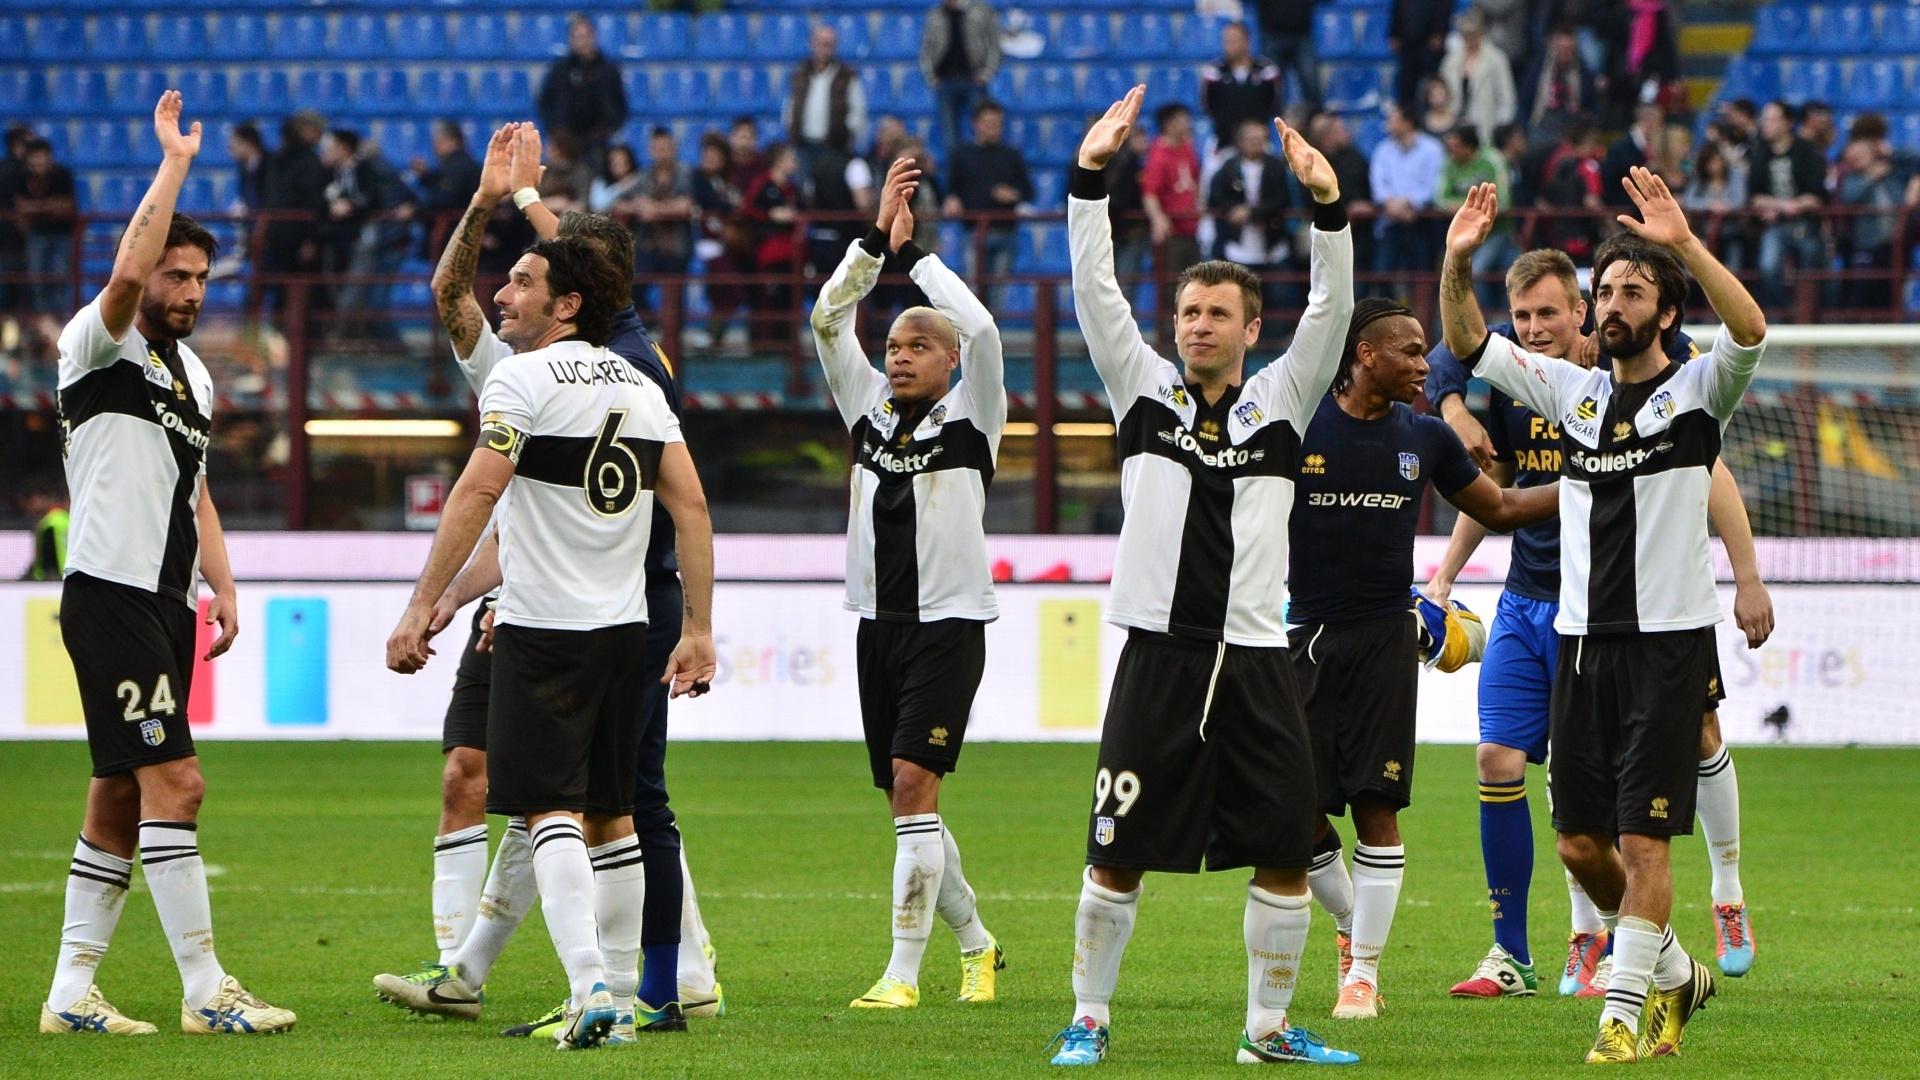 16.mar.2014 - Jogadores do Parma comemoram fim de jogo e vitória sobre o Milan por 4 a 2